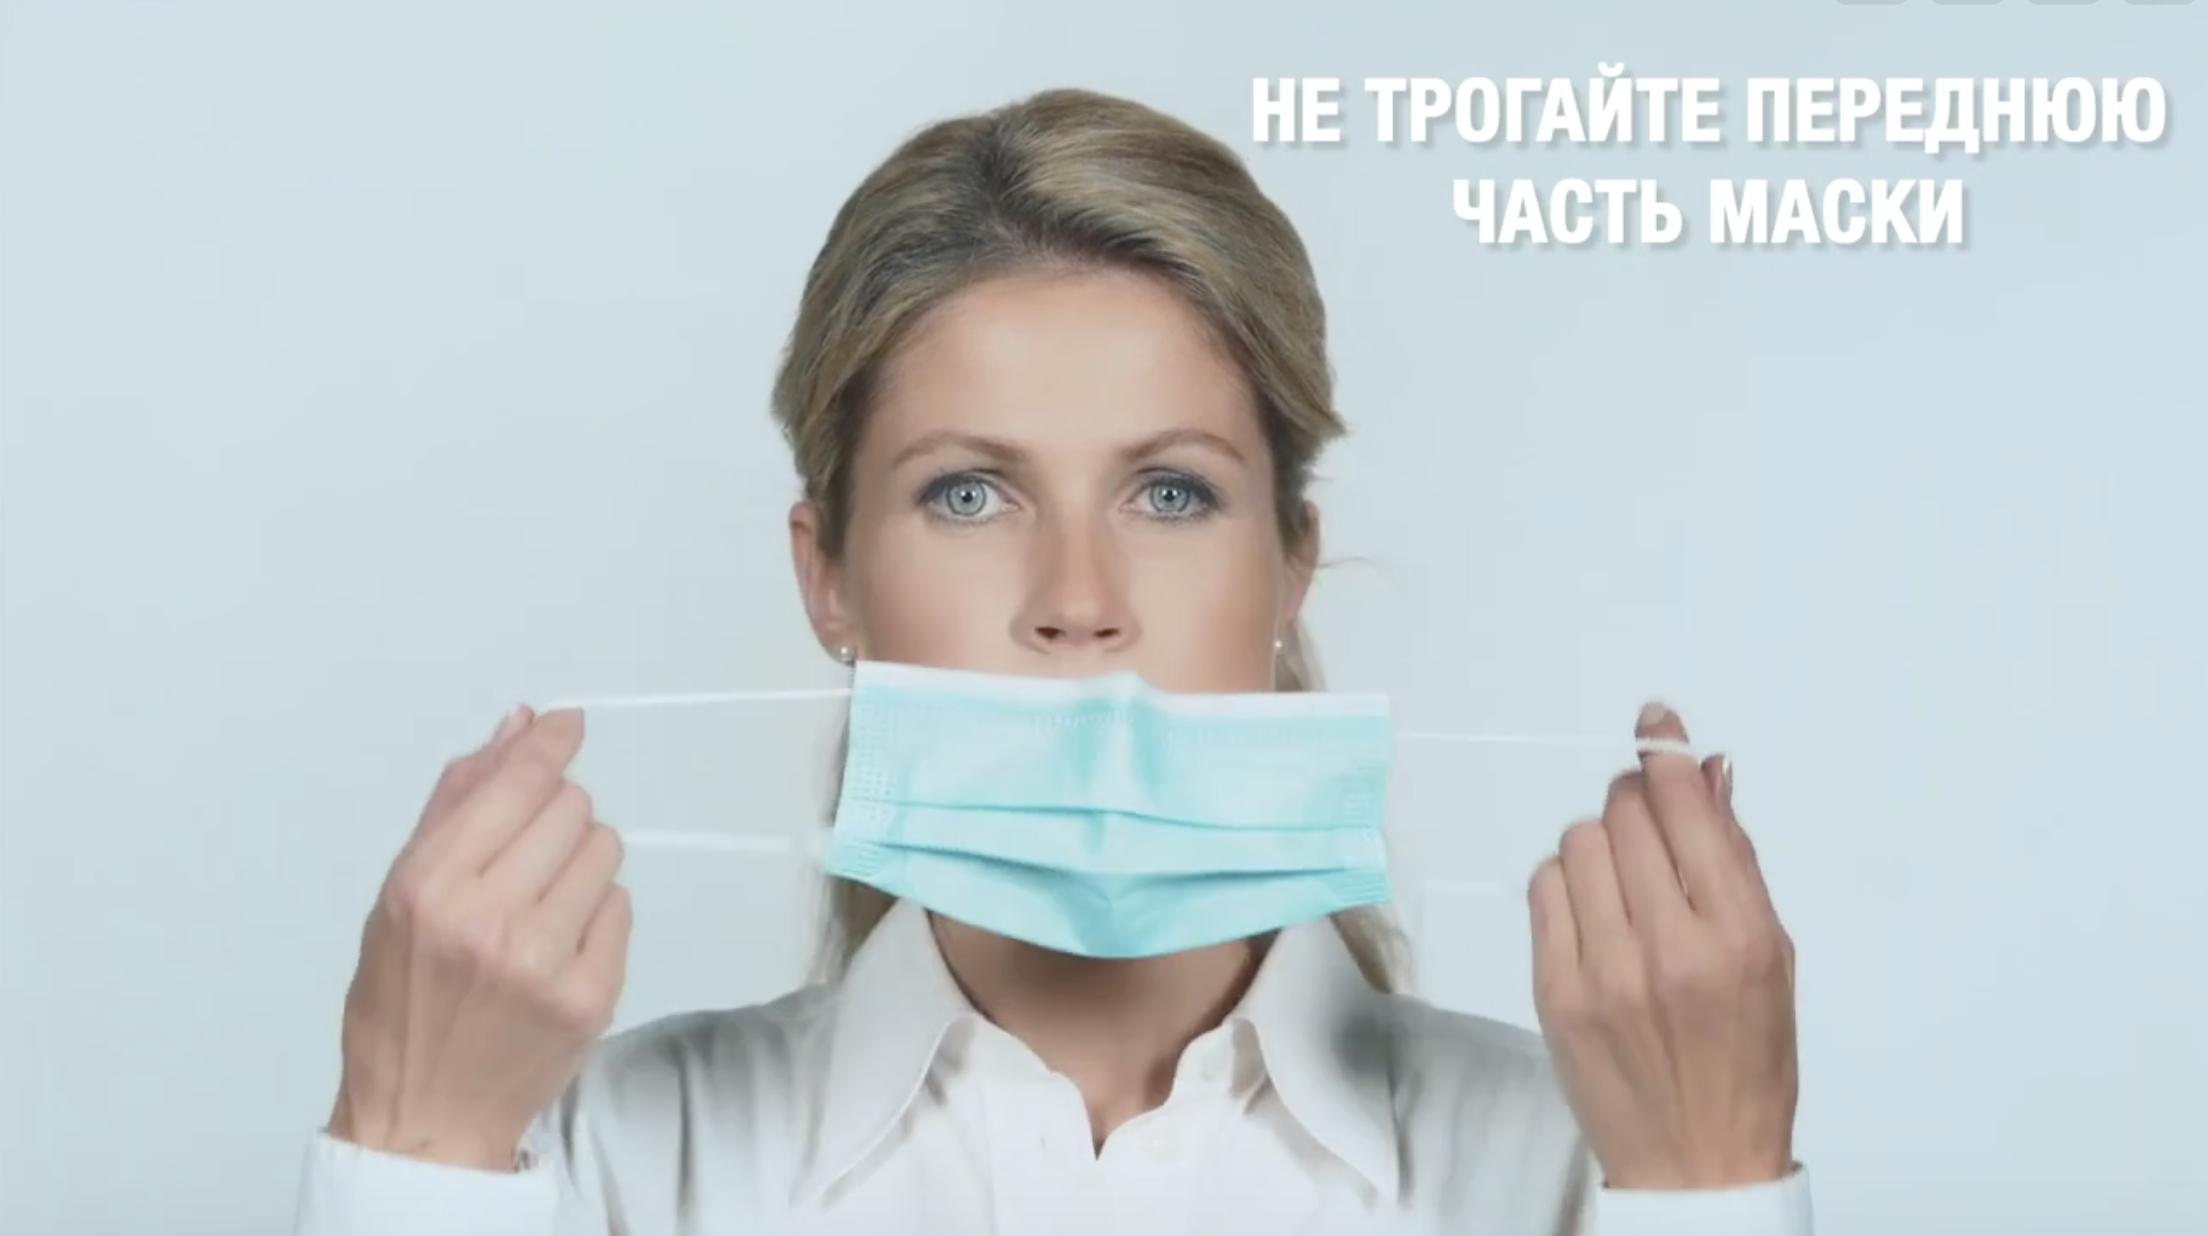 Видео о том, как правильно носить маску